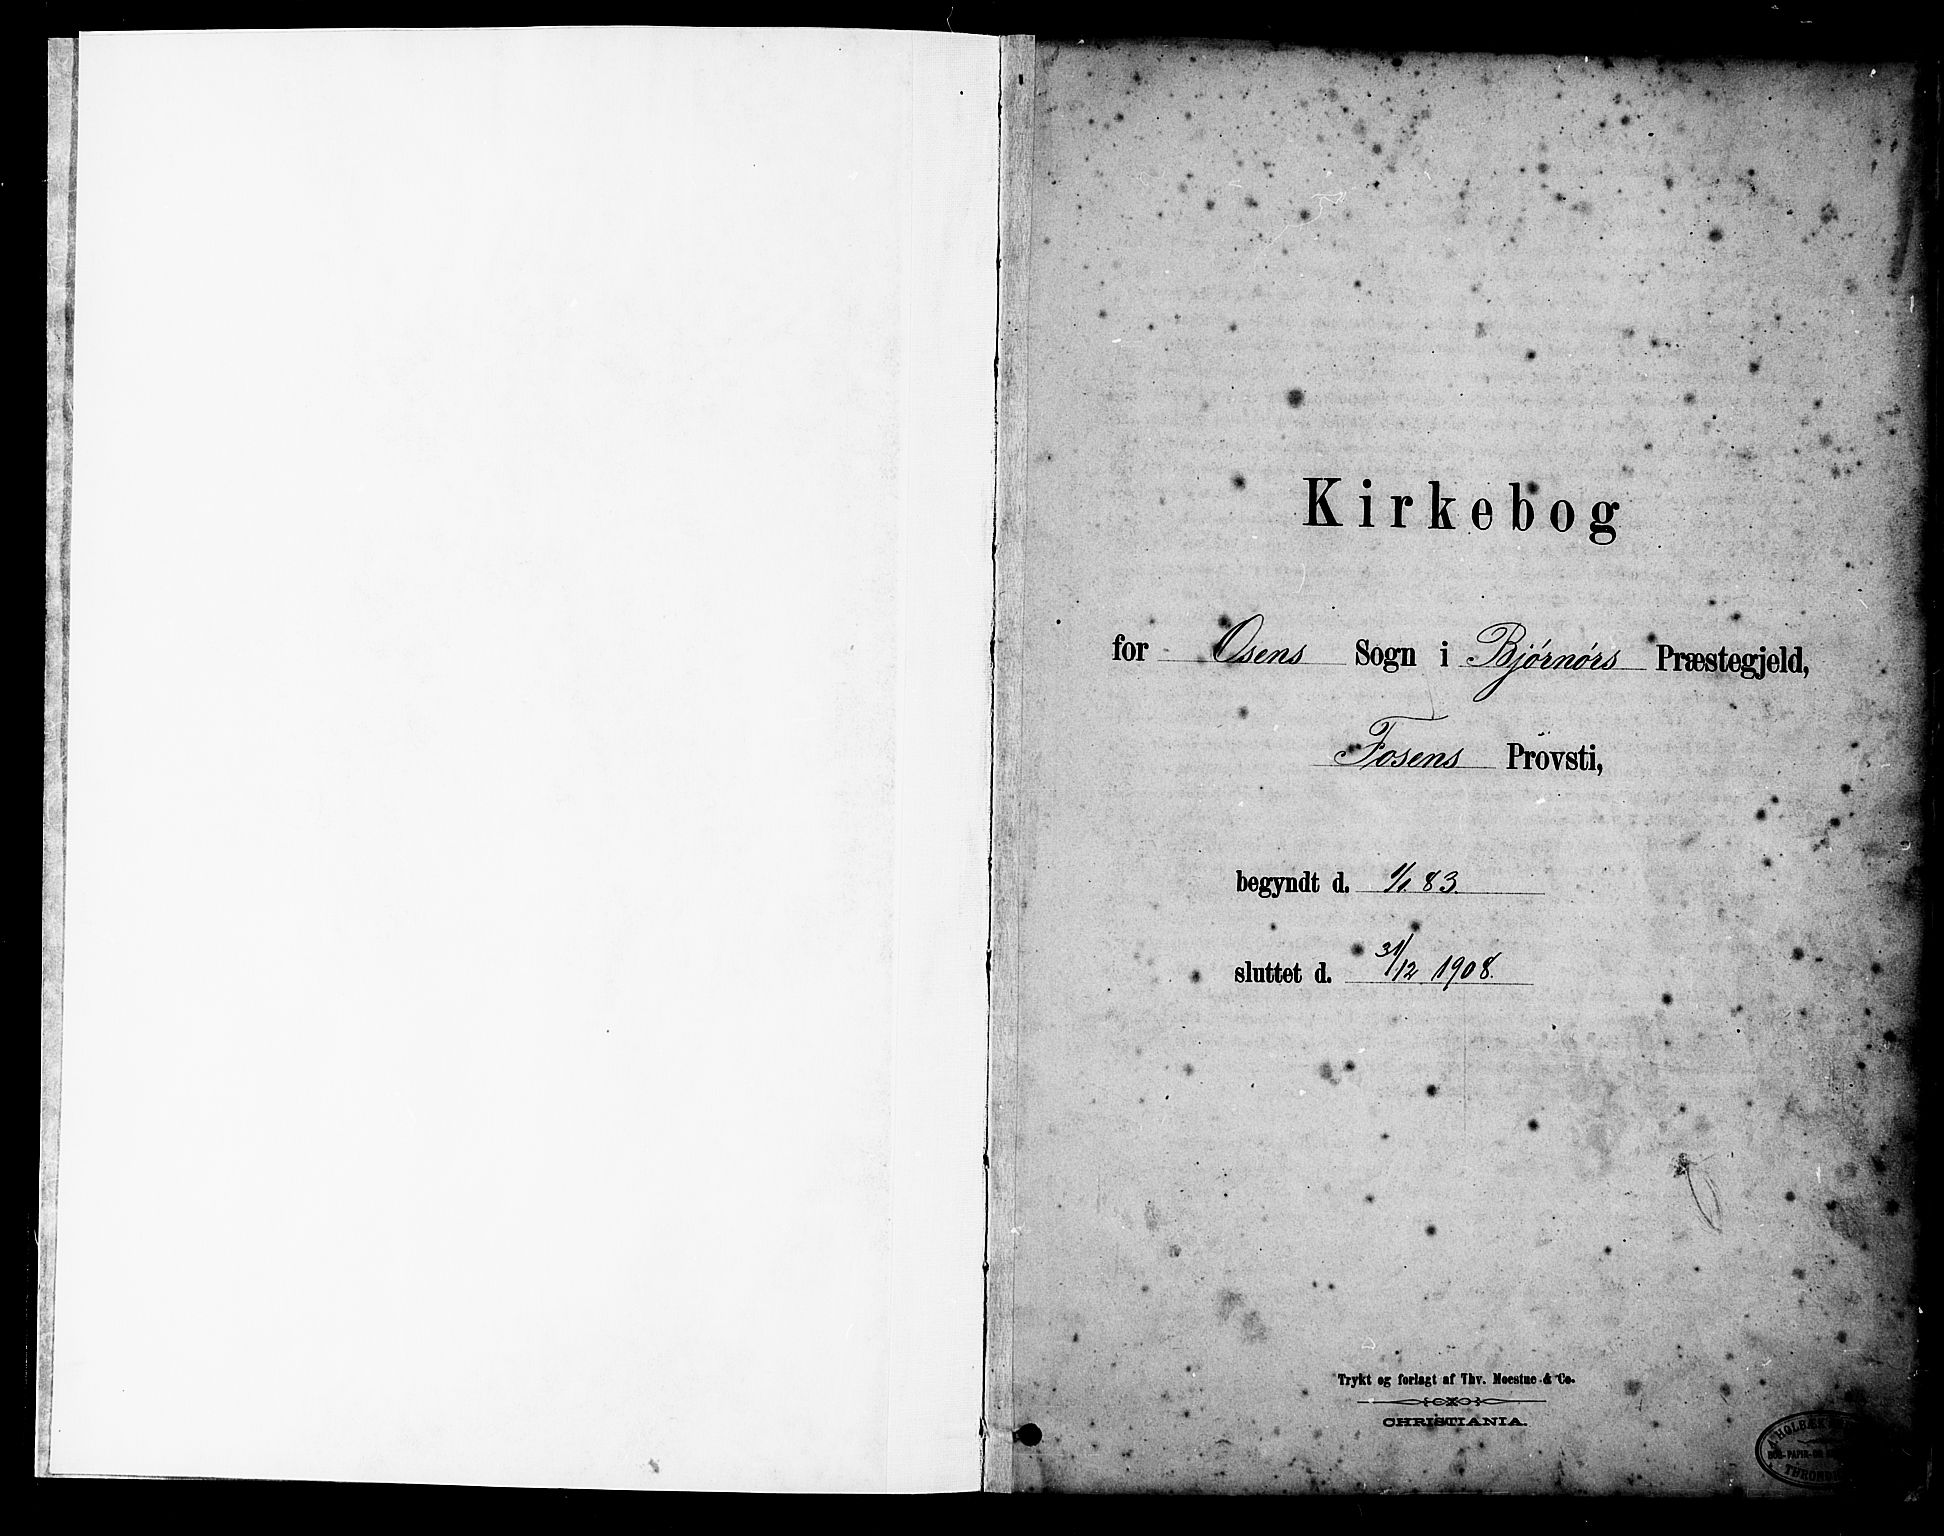 SAT, Ministerialprotokoller, klokkerbøker og fødselsregistre - Sør-Trøndelag, 658/L0726: Klokkerbok nr. 658C02, 1883-1908